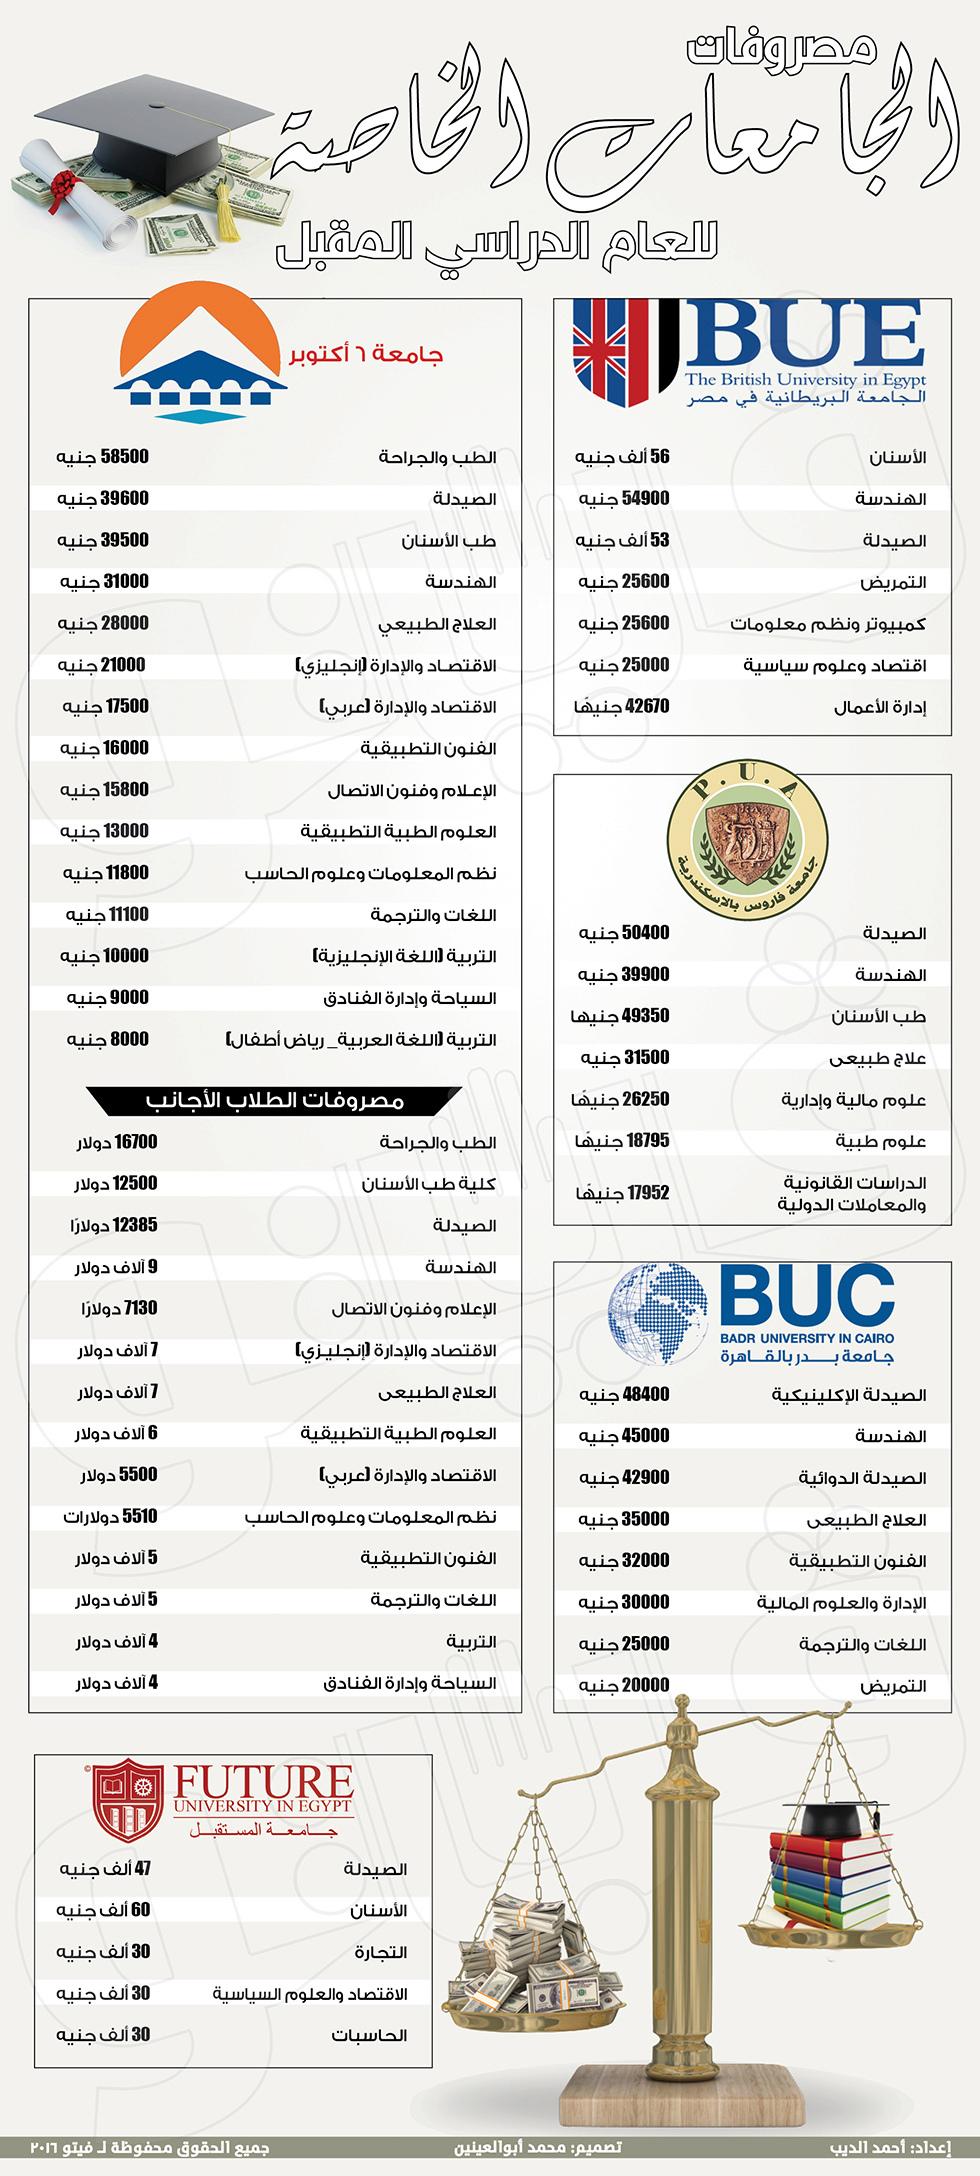 مصروفات الجامعات الخاصة للعام الدراسي 2020/2021 - مصروفات كليات الطب والهندسة والصيدلة بالجامعات الخاصة Aiao_a10